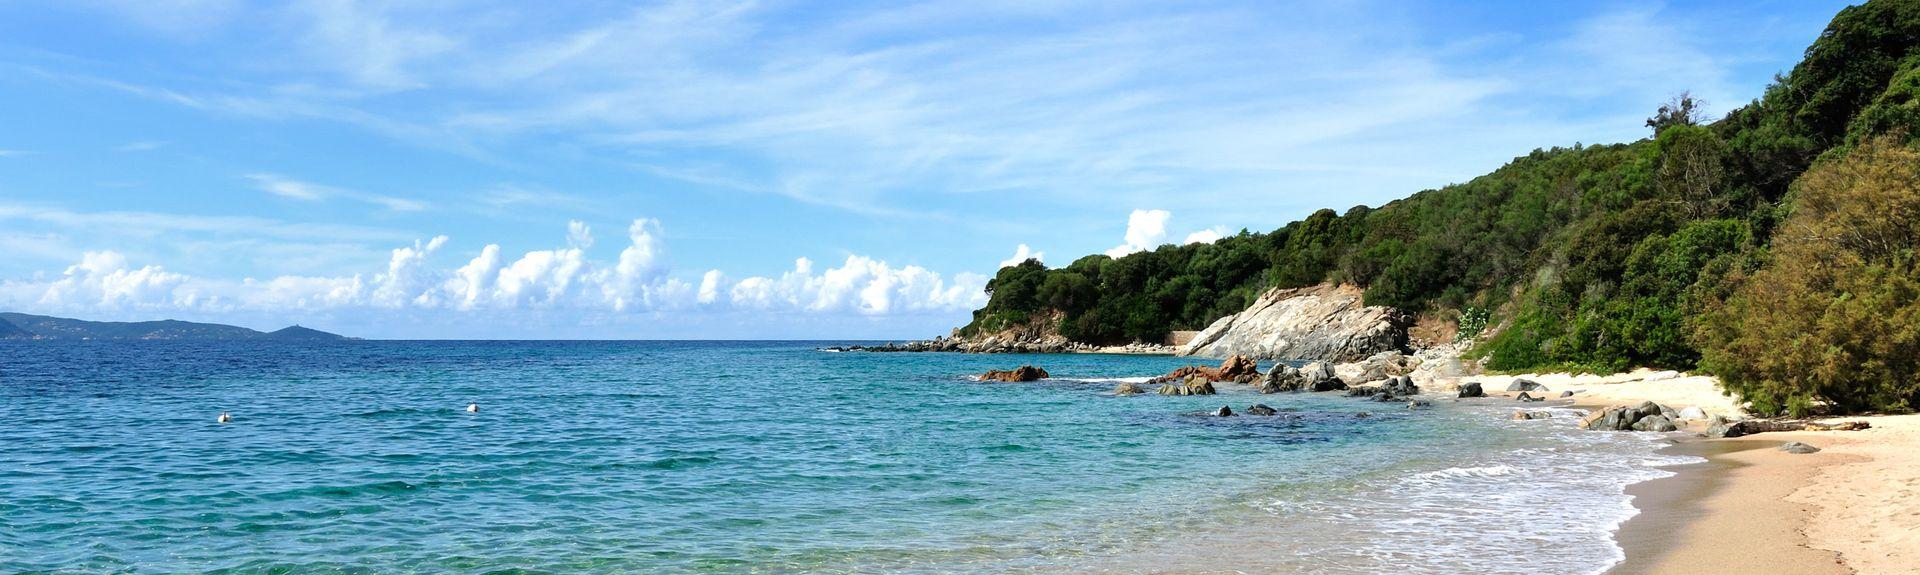 Propriano, Corse-du-Sud, France